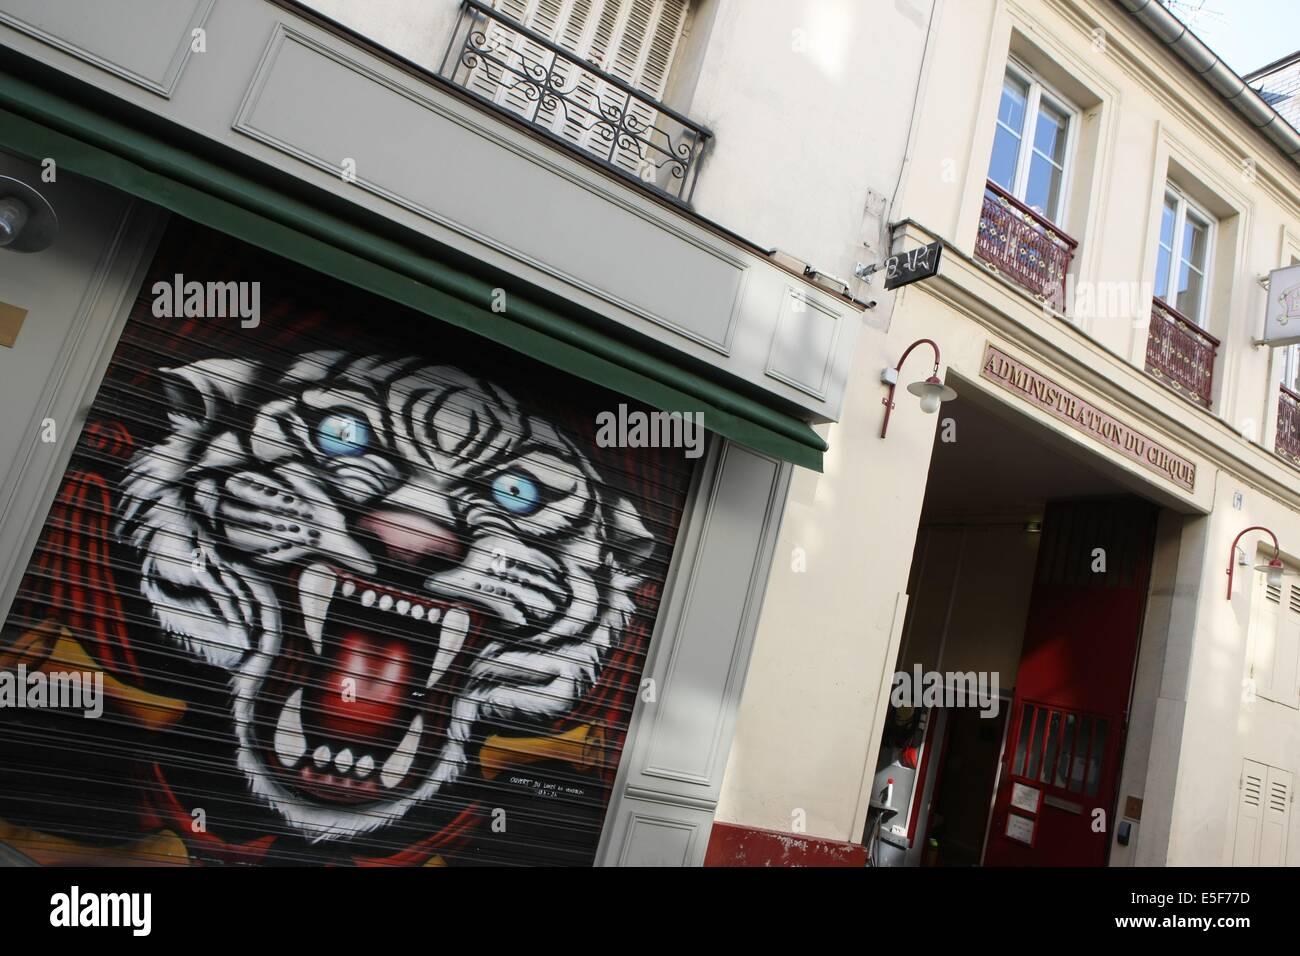 France, ile de france, paris 11e arrondissement, 1 rue de crussol, bar entree des artistes, jouxtant le cirque d'hiver, - Stock Image